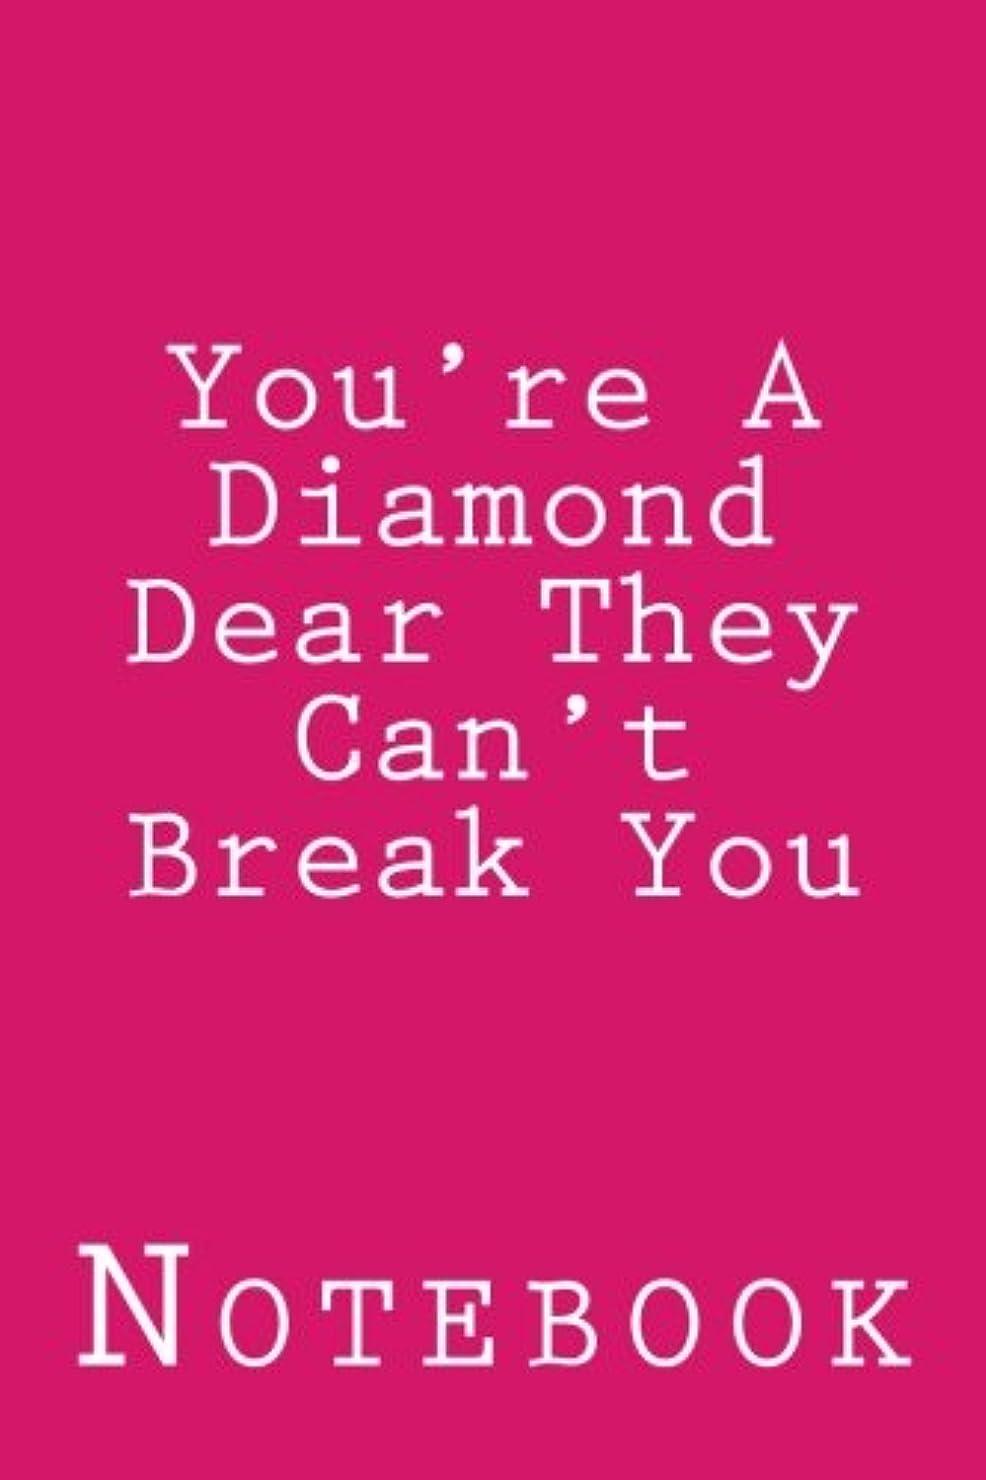 砂漠散逸民間人You're A Diamond Dear They Can't Break You: Inspirational Notebook